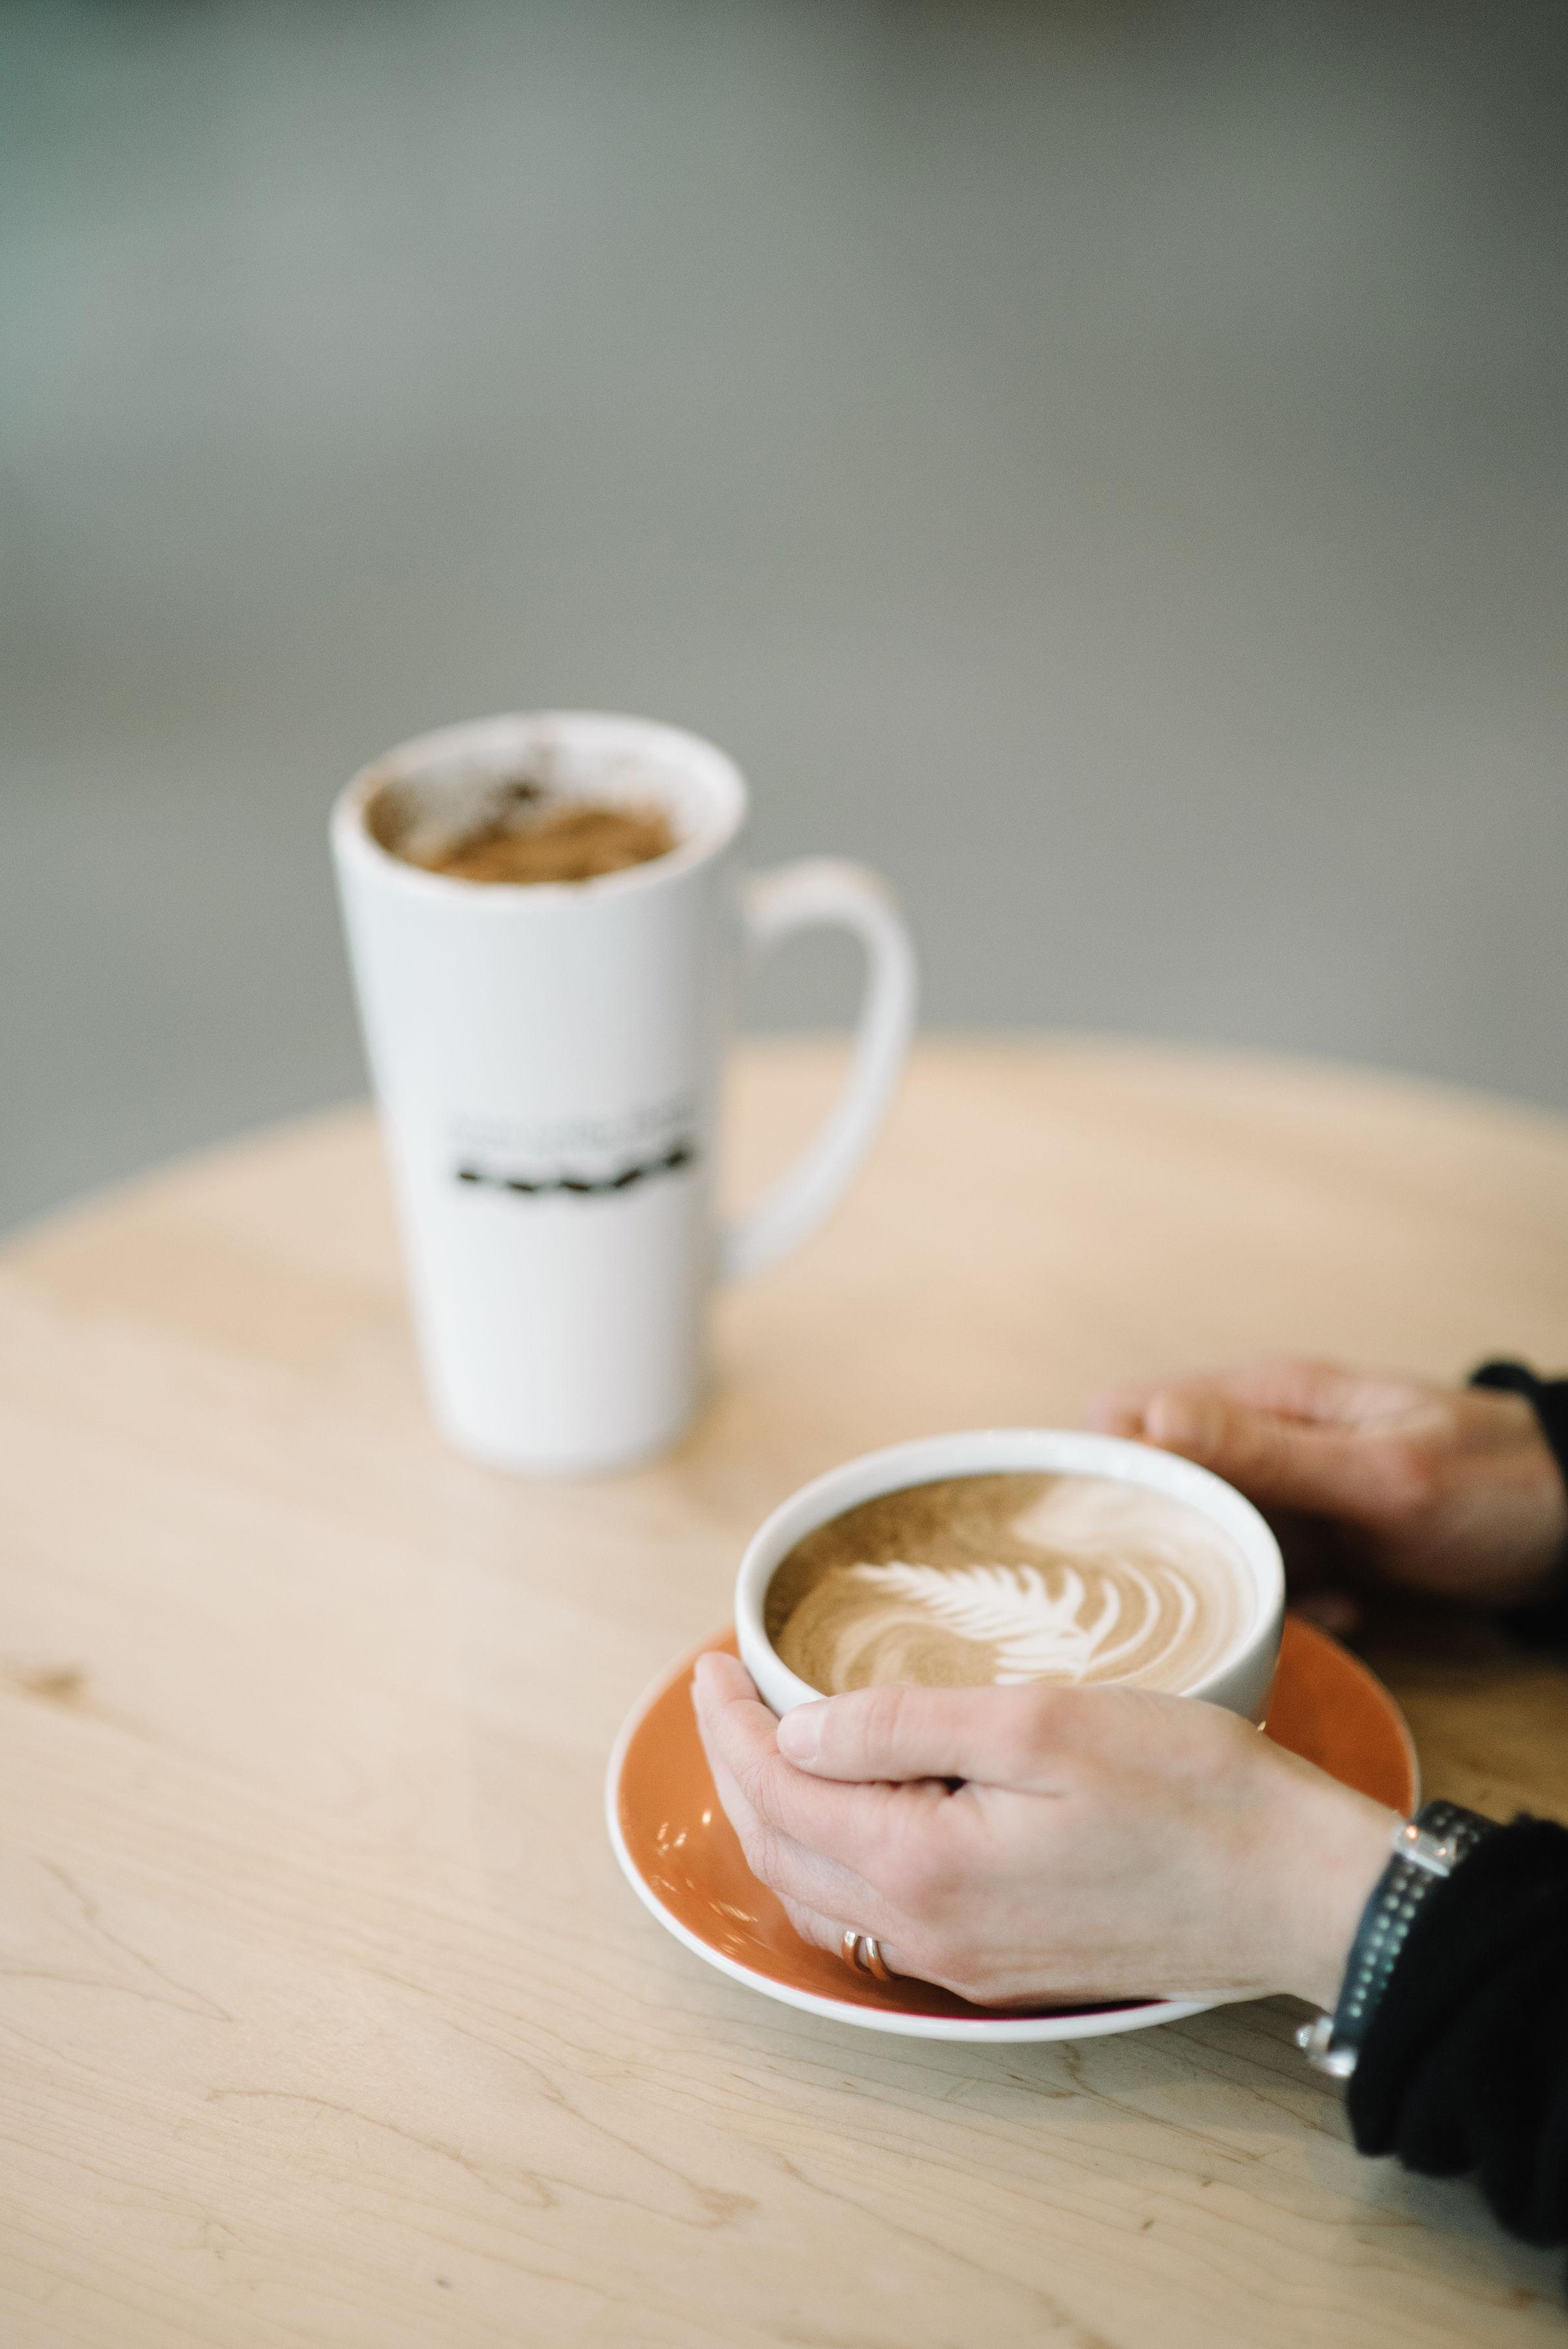 acton-coffee-5.jpg